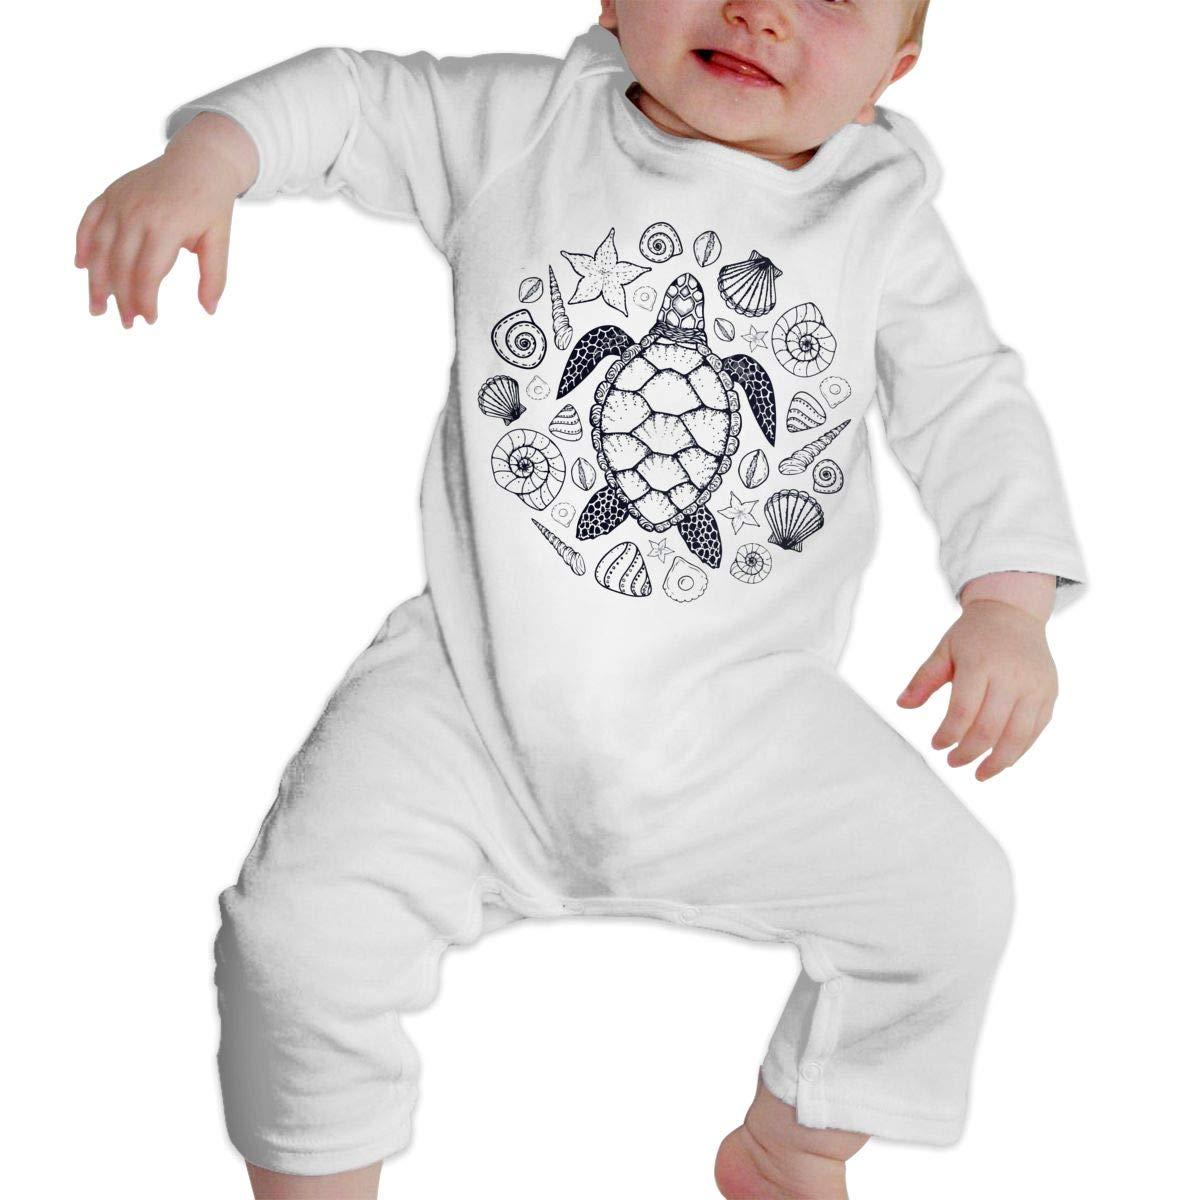 Sea Turtles Toddler Baby Long Sleeve Romper Jumpsuit Baby Rompers Onsies